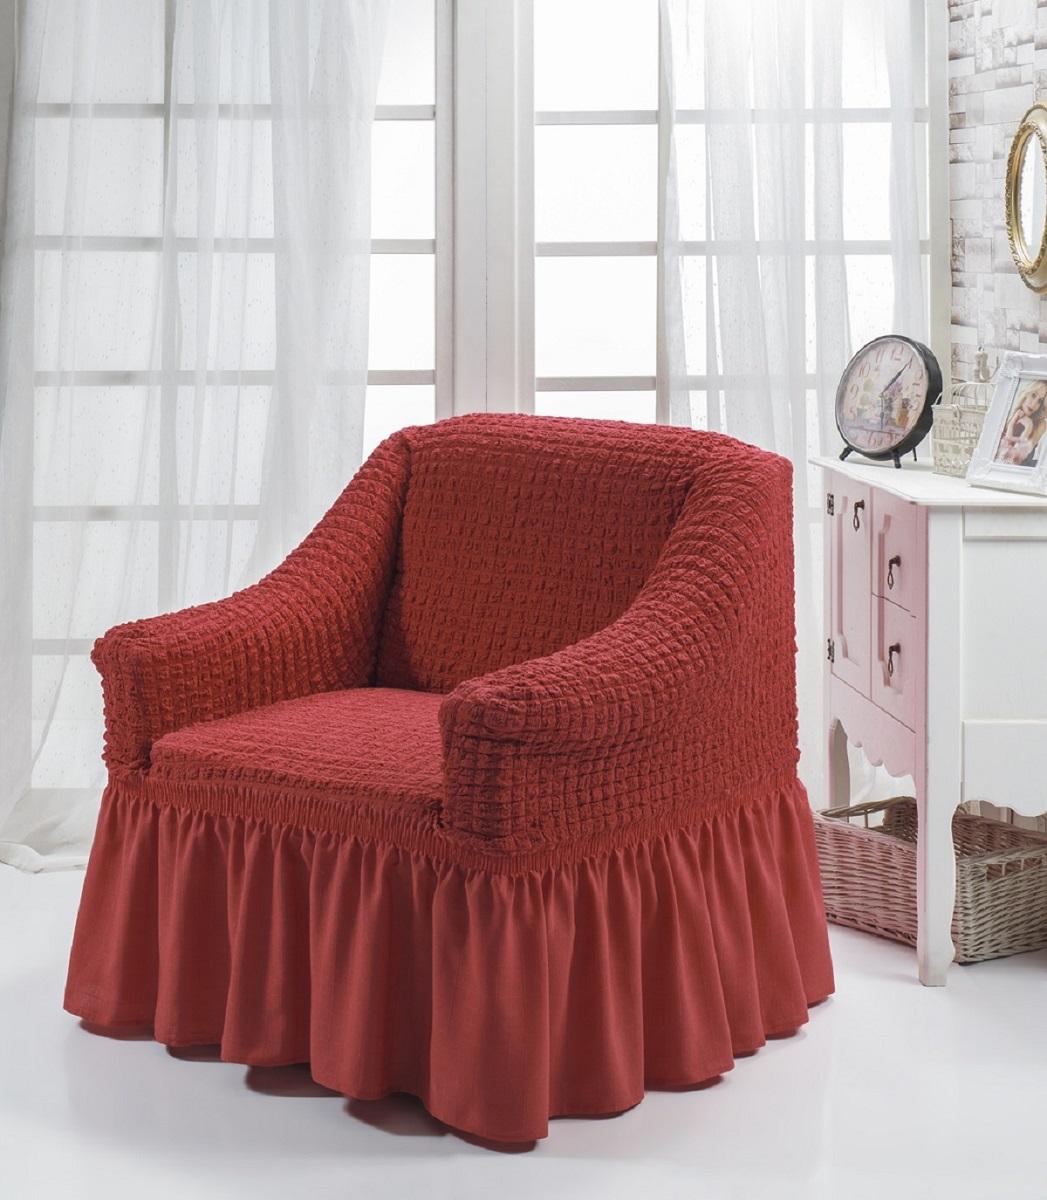 Чехол для кресла Burumcuk Bulsan, цвет: кирпичный1796/CHAR015Чехол на кресло Burumcuk Bulsan выполнен из высококачественного полиэстера и хлопка с красивым рельефом. Предназначен для кресла стандартного размера со спинкой высотой в 140 см. Такой чехол изысканно дополнит интерьер вашего дома. Изделие прорезинено со всех сторон и оснащено закрывающей оборкой.Ширина и глубина посадочного места: 70-80 см.Высота спинки от сиденья: 70-80 см.Высота подлокотников: 35-45 см.Ширина подлокотников: 25-35 см.Длина оборки: 35 см.